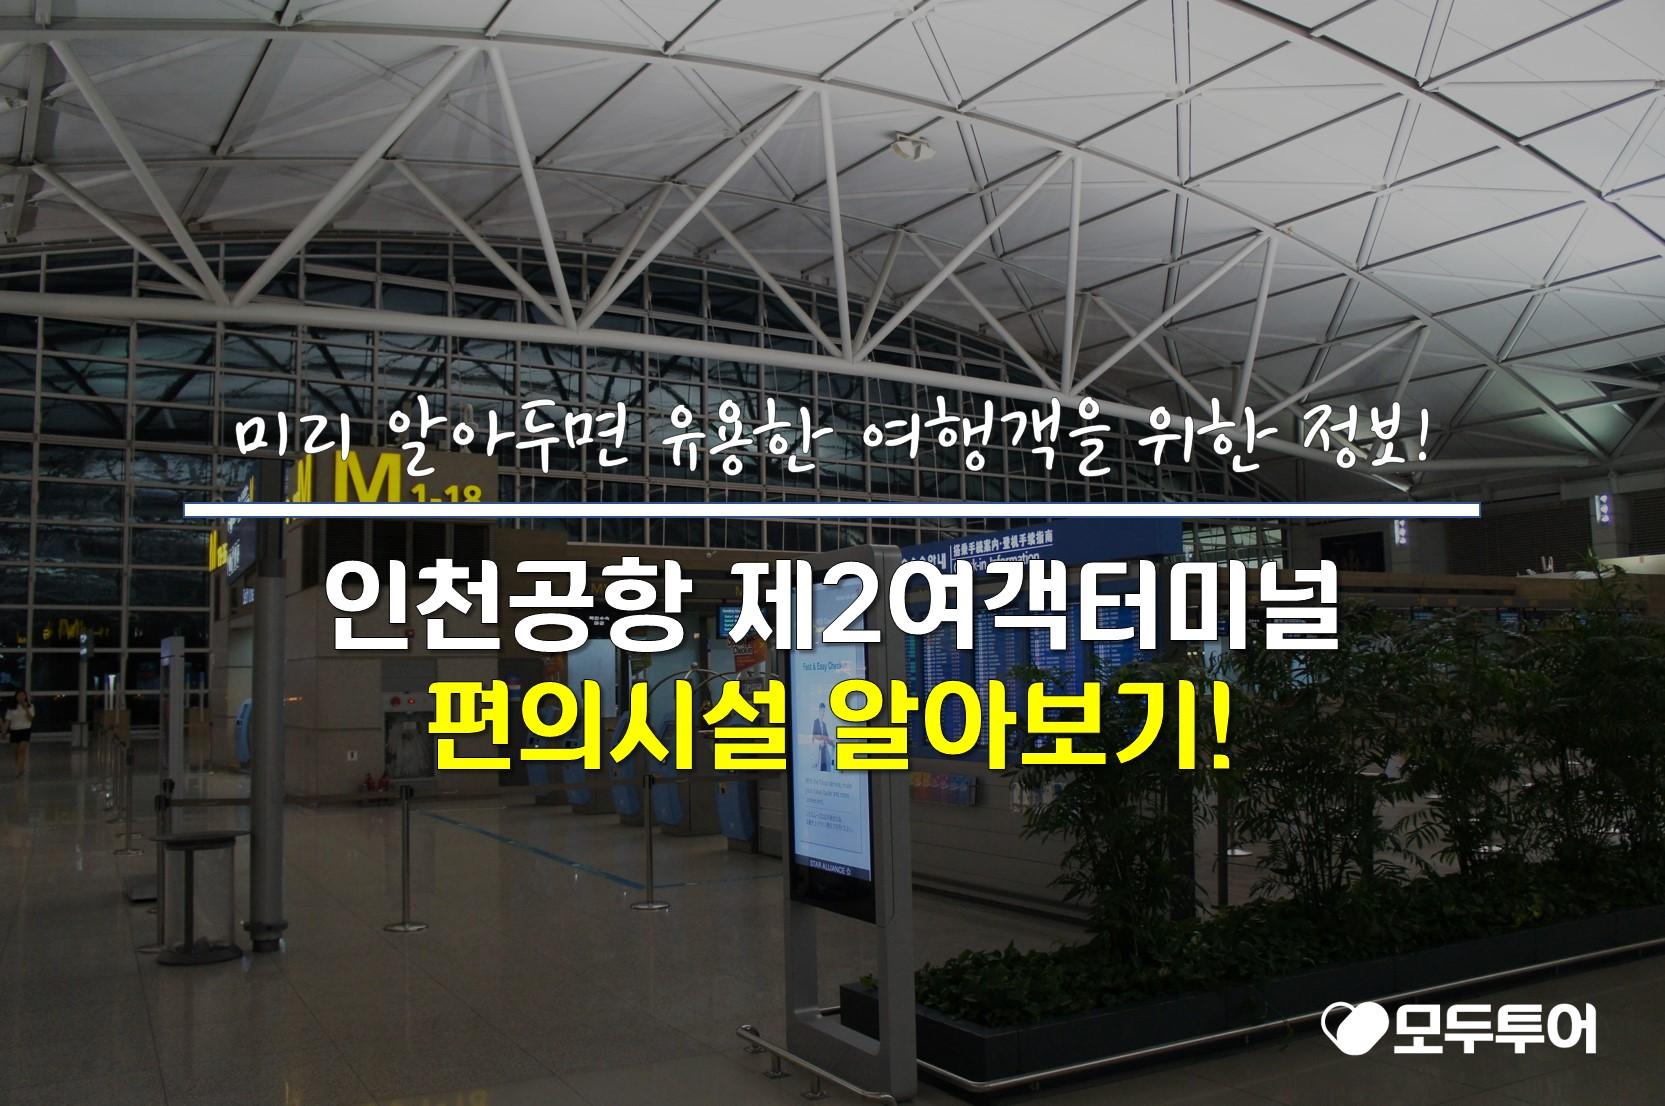 인천공항 제2여객터미널 편의시설